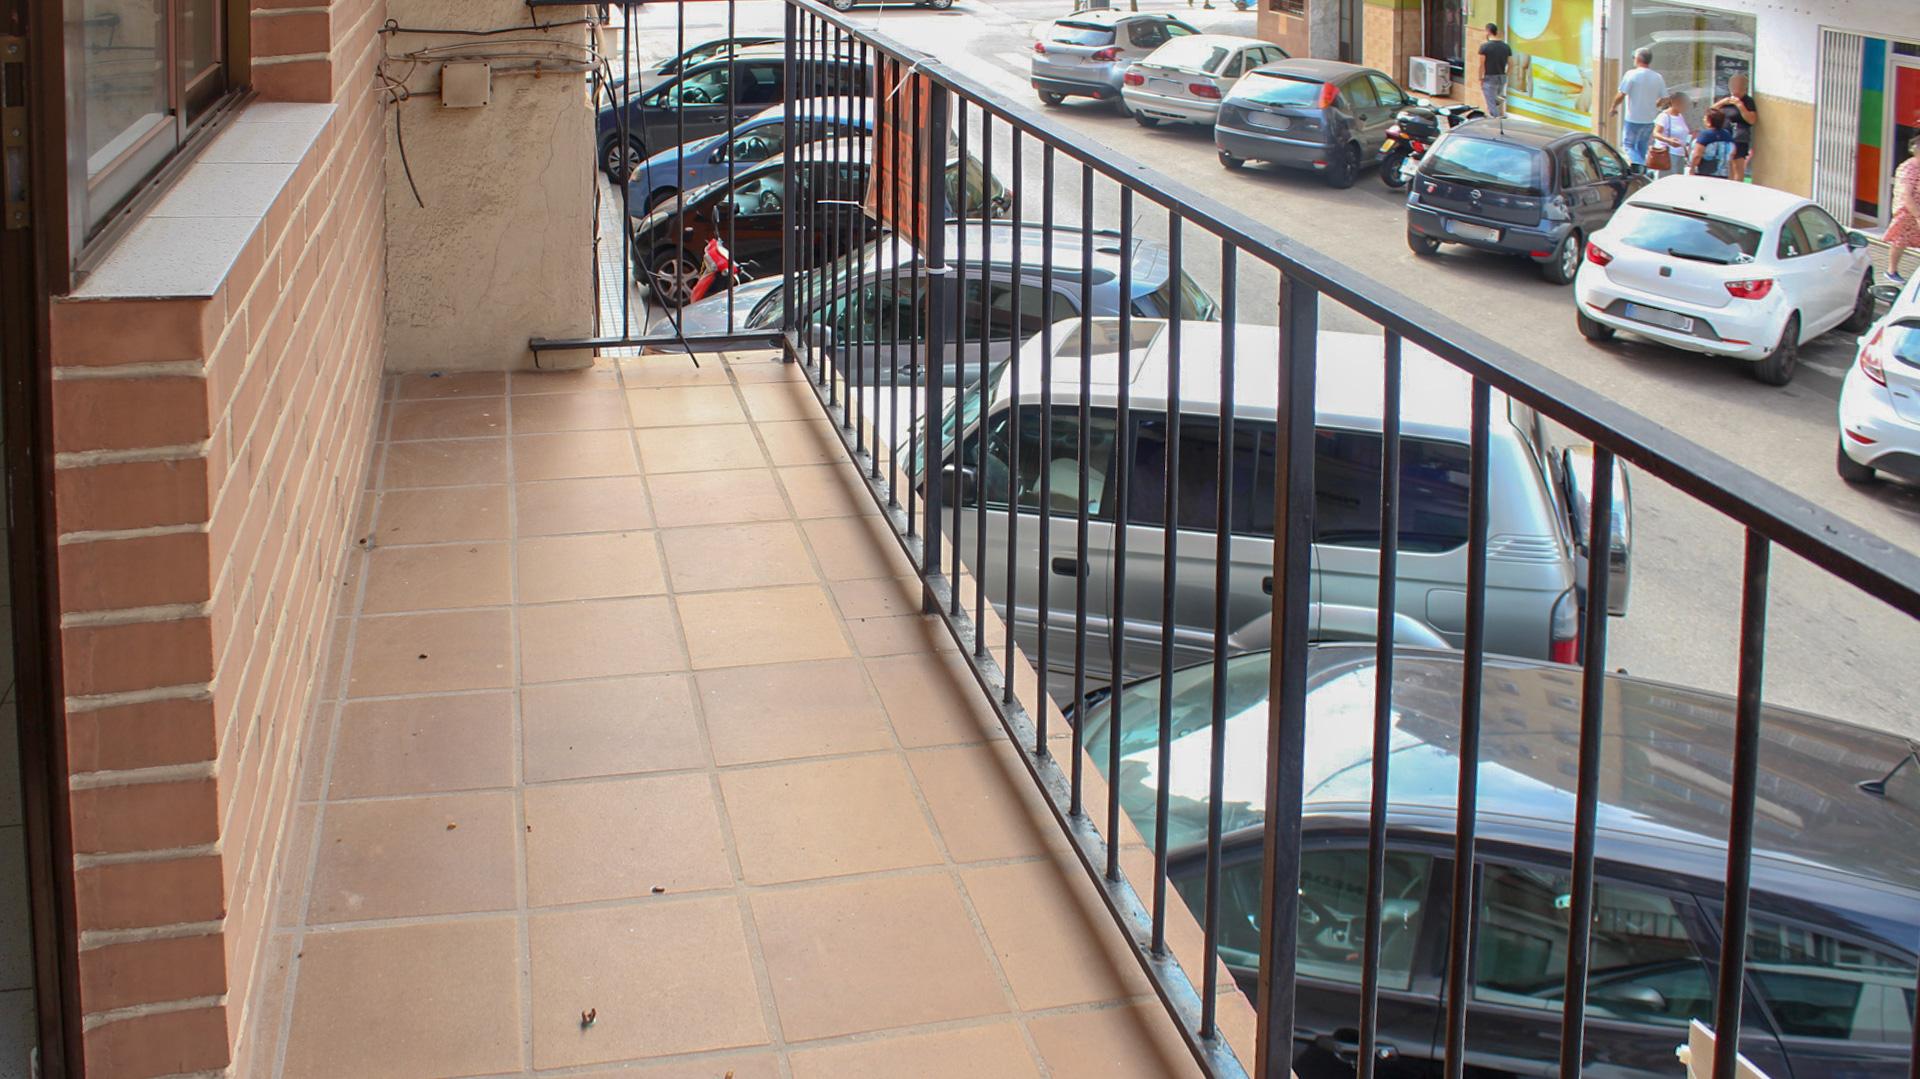 vitalcasa.sooprema-propiedades_5d91ca5dad42a-source